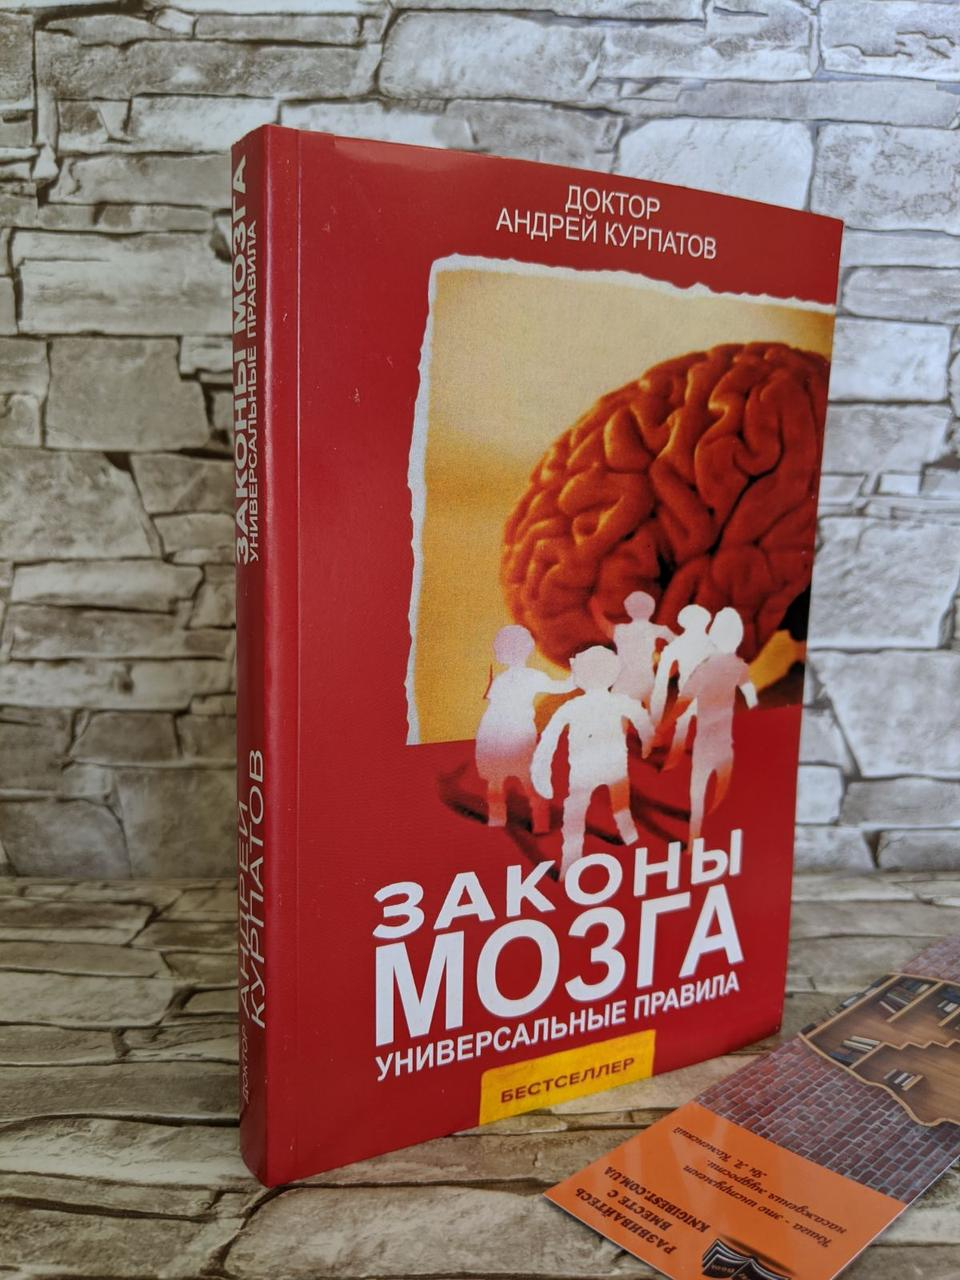 """Книга """"Законы мозга"""" Андрей Курпатов (газ)"""